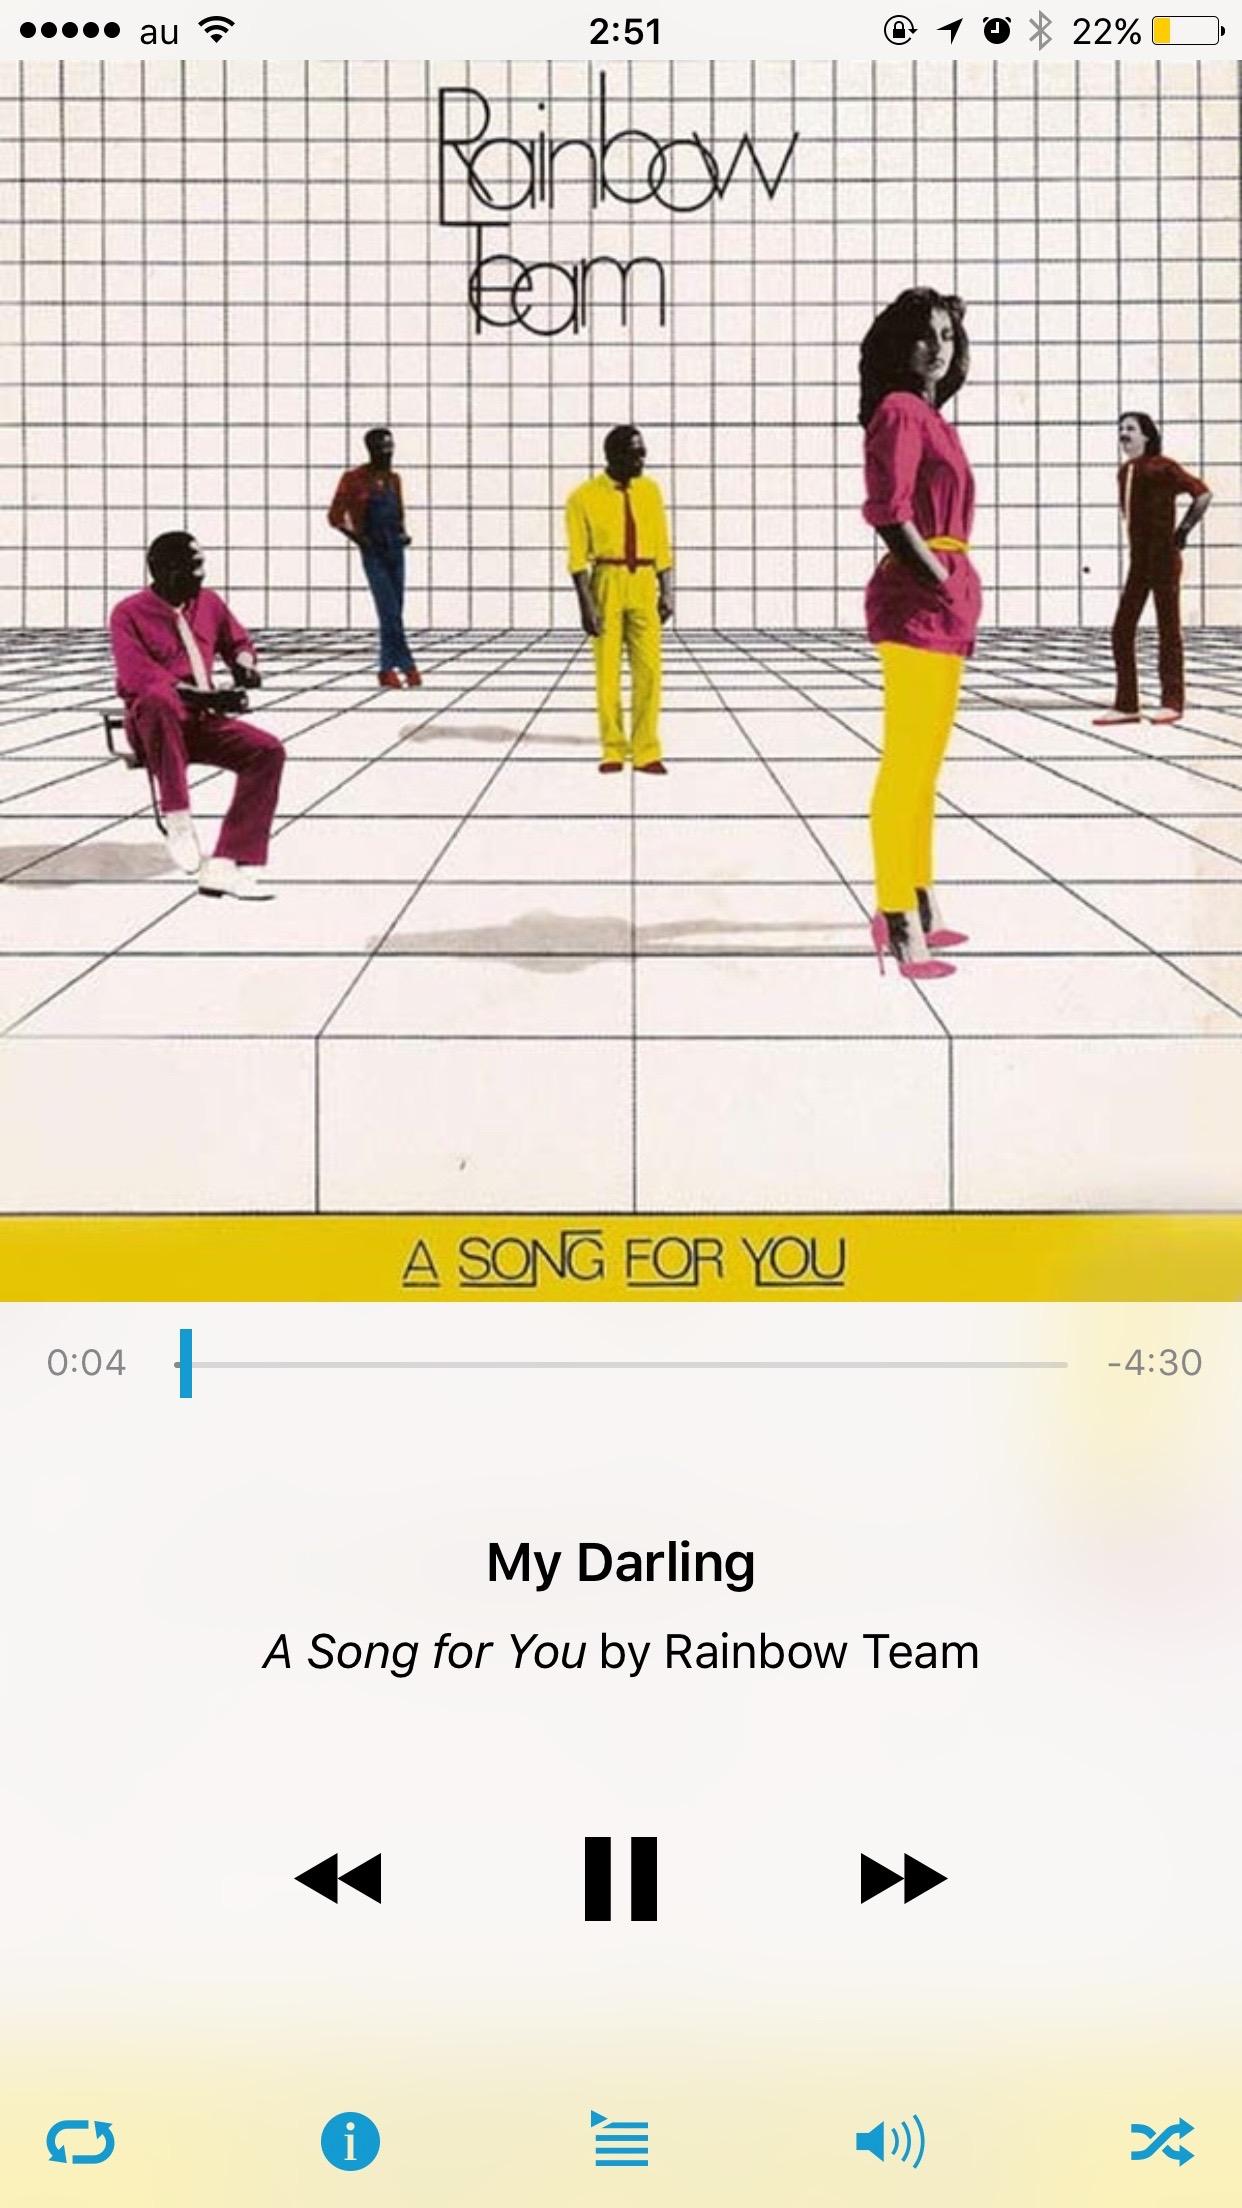 iOS10よりおしゃれな代替ミュージックプレーヤーアプリ Cesium